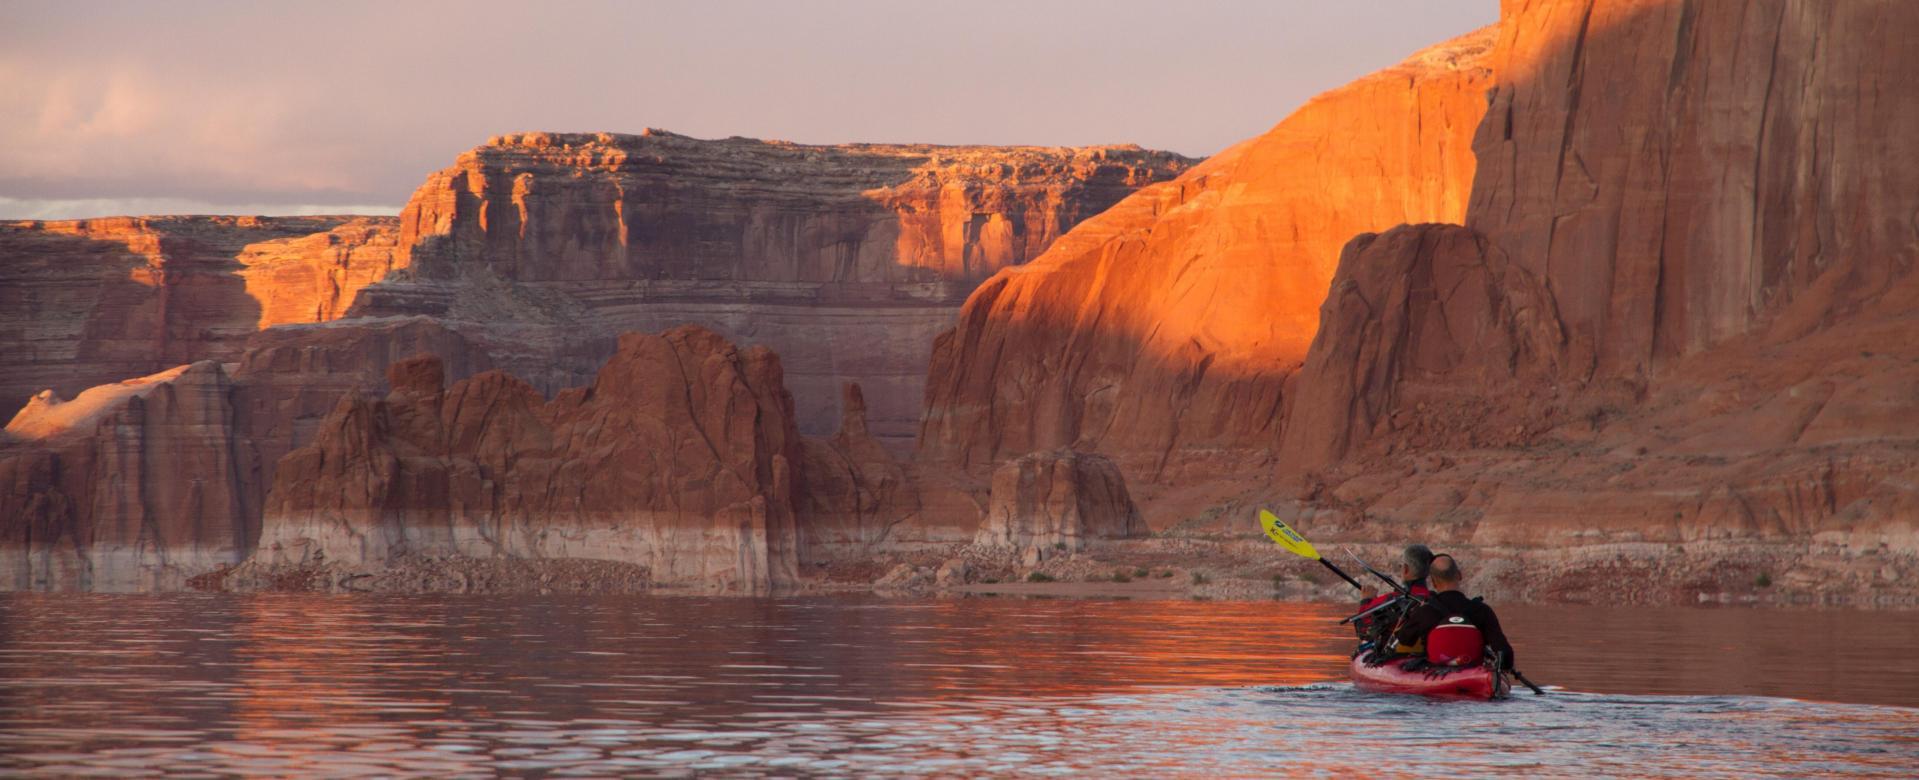 Voyage sur l'eau : Rando-kayak sur le lac powell